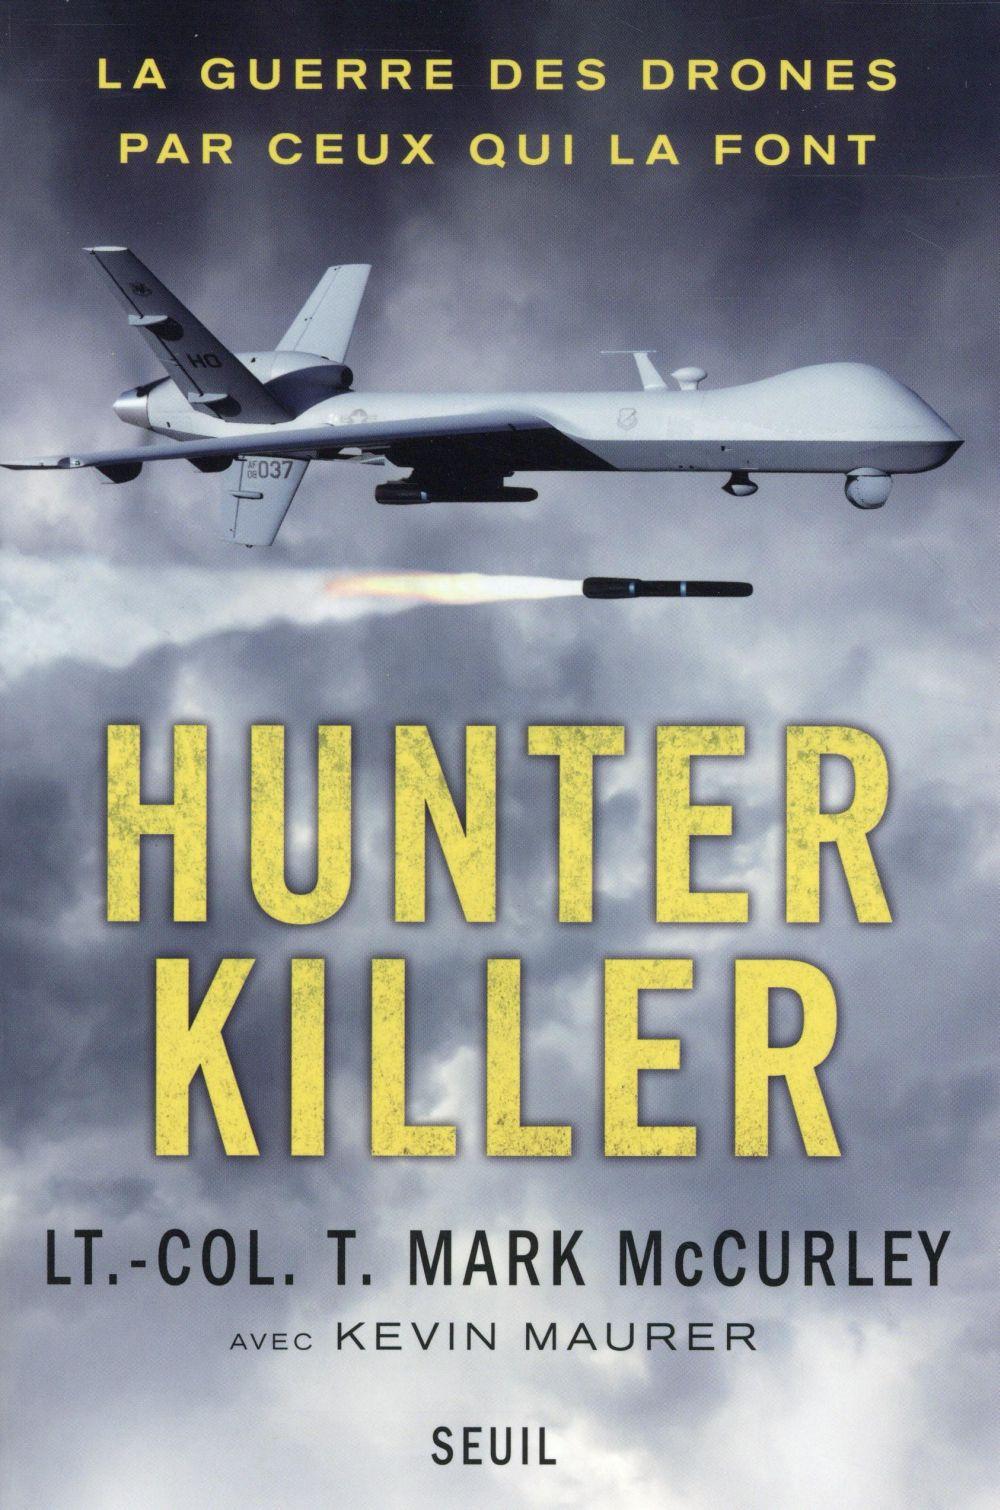 Hunter killer ; la guerre des drones par ceux qui la font